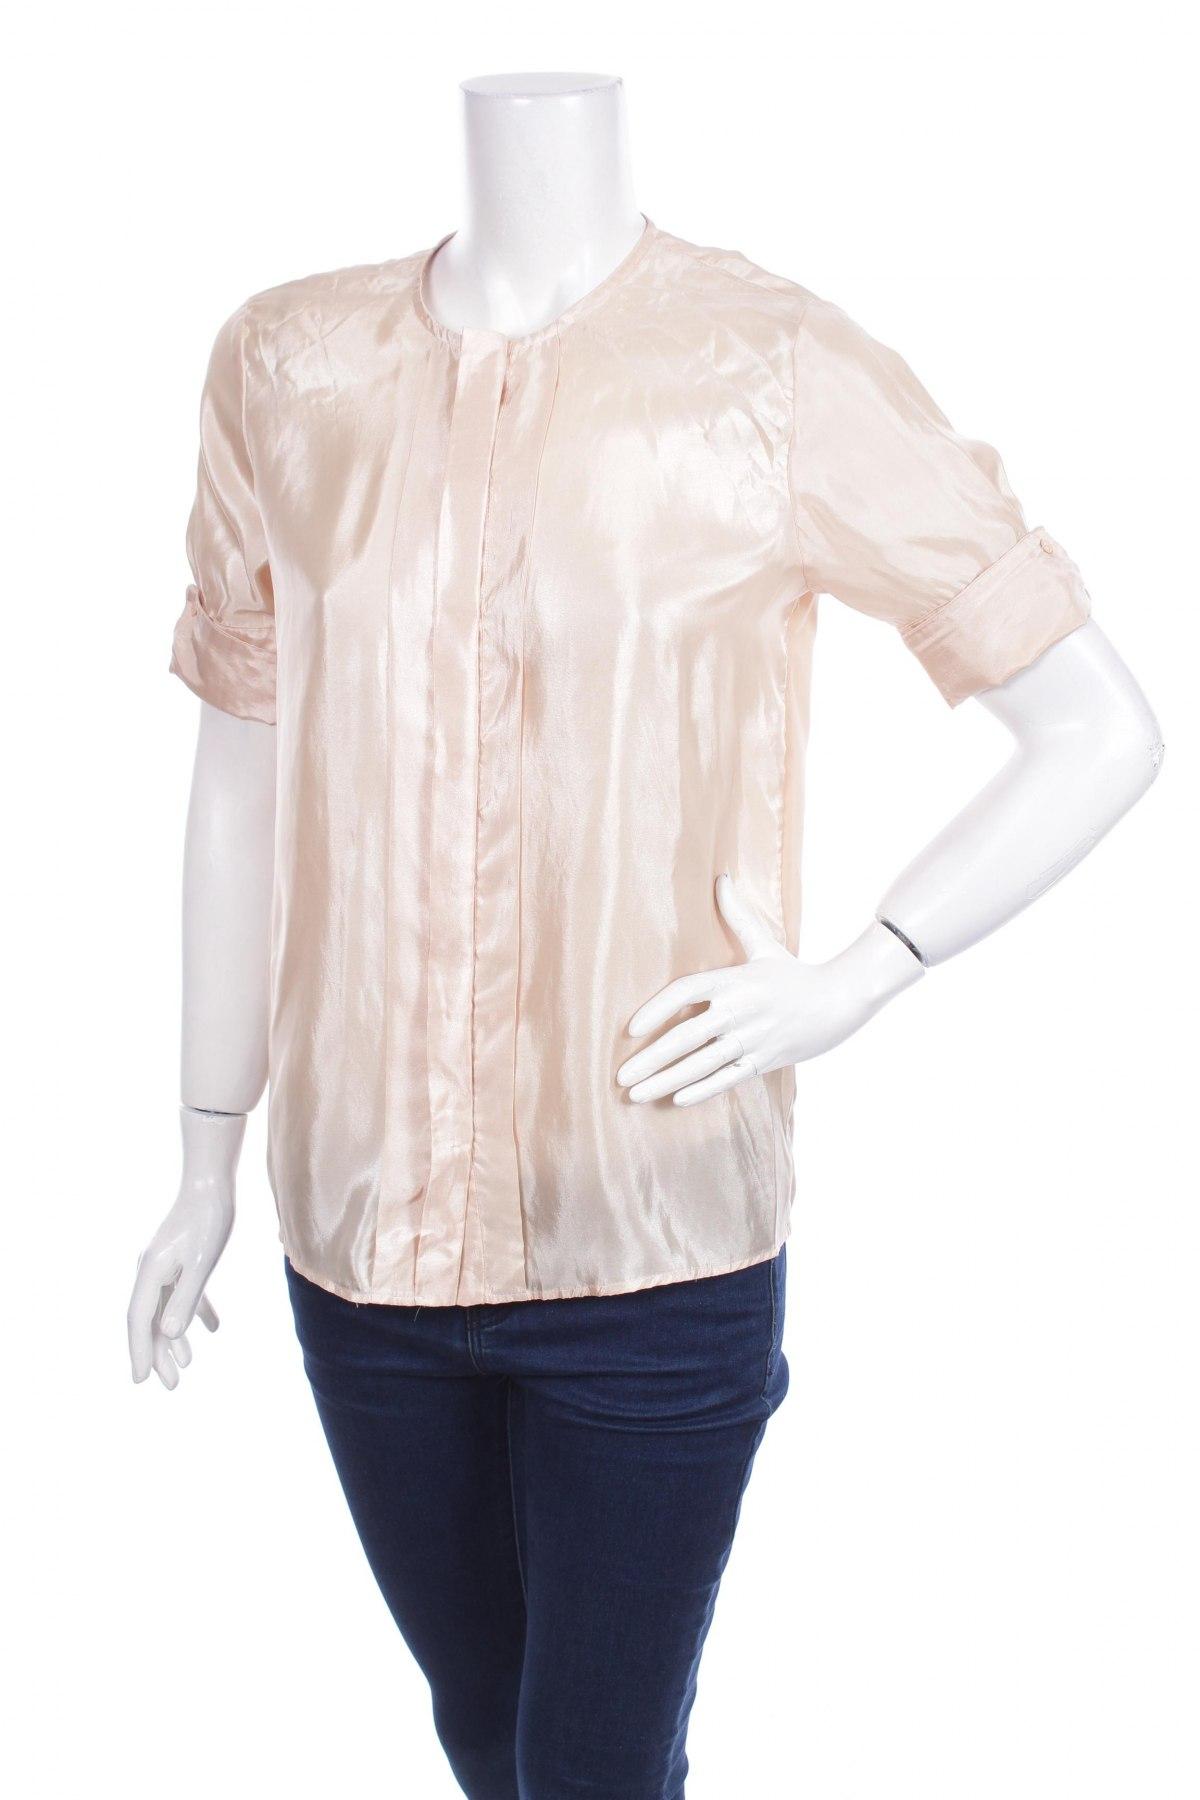 Γυναικείο πουκάμισο H&M, Μέγεθος XS, Χρώμα  Μπέζ, Πολυεστέρας, Τιμή 13,92€